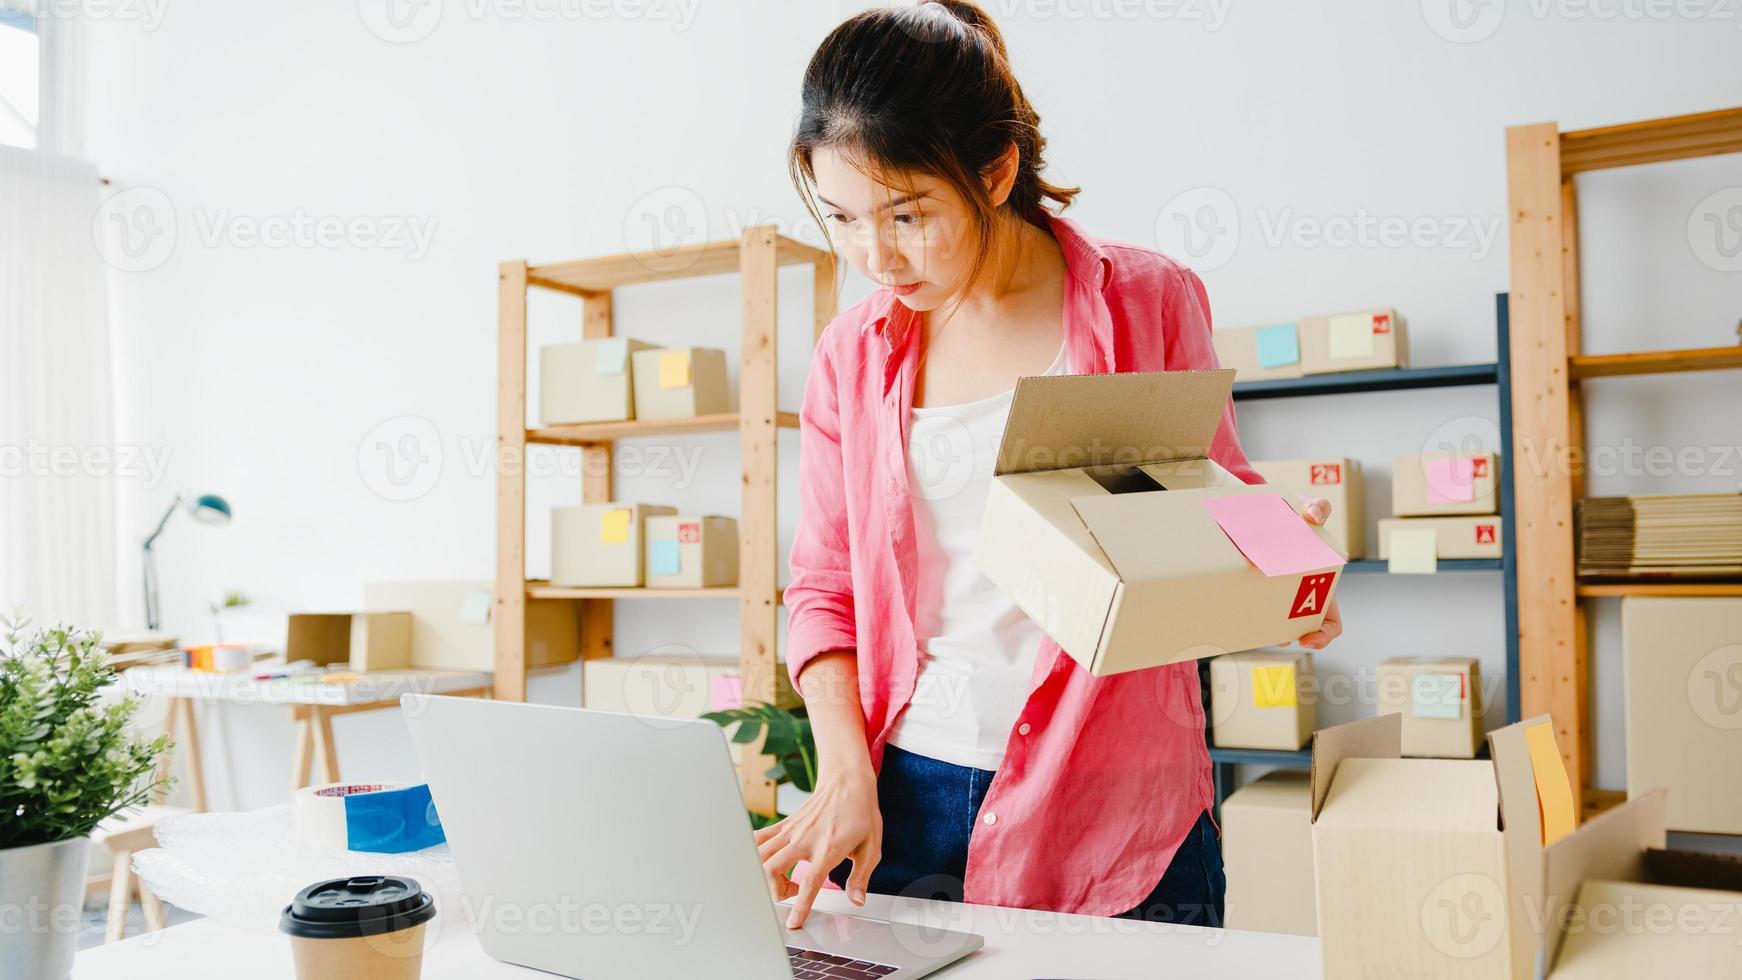 jeune femme d'affaires entrepreneur en Asie vérifie le bon de commande du produit en stock et enregistre le travail sur ordinateur portable au bureau à domicile. propriétaire de petite entreprise, livraison sur le marché en ligne, concept de style de vie indépendant. photo